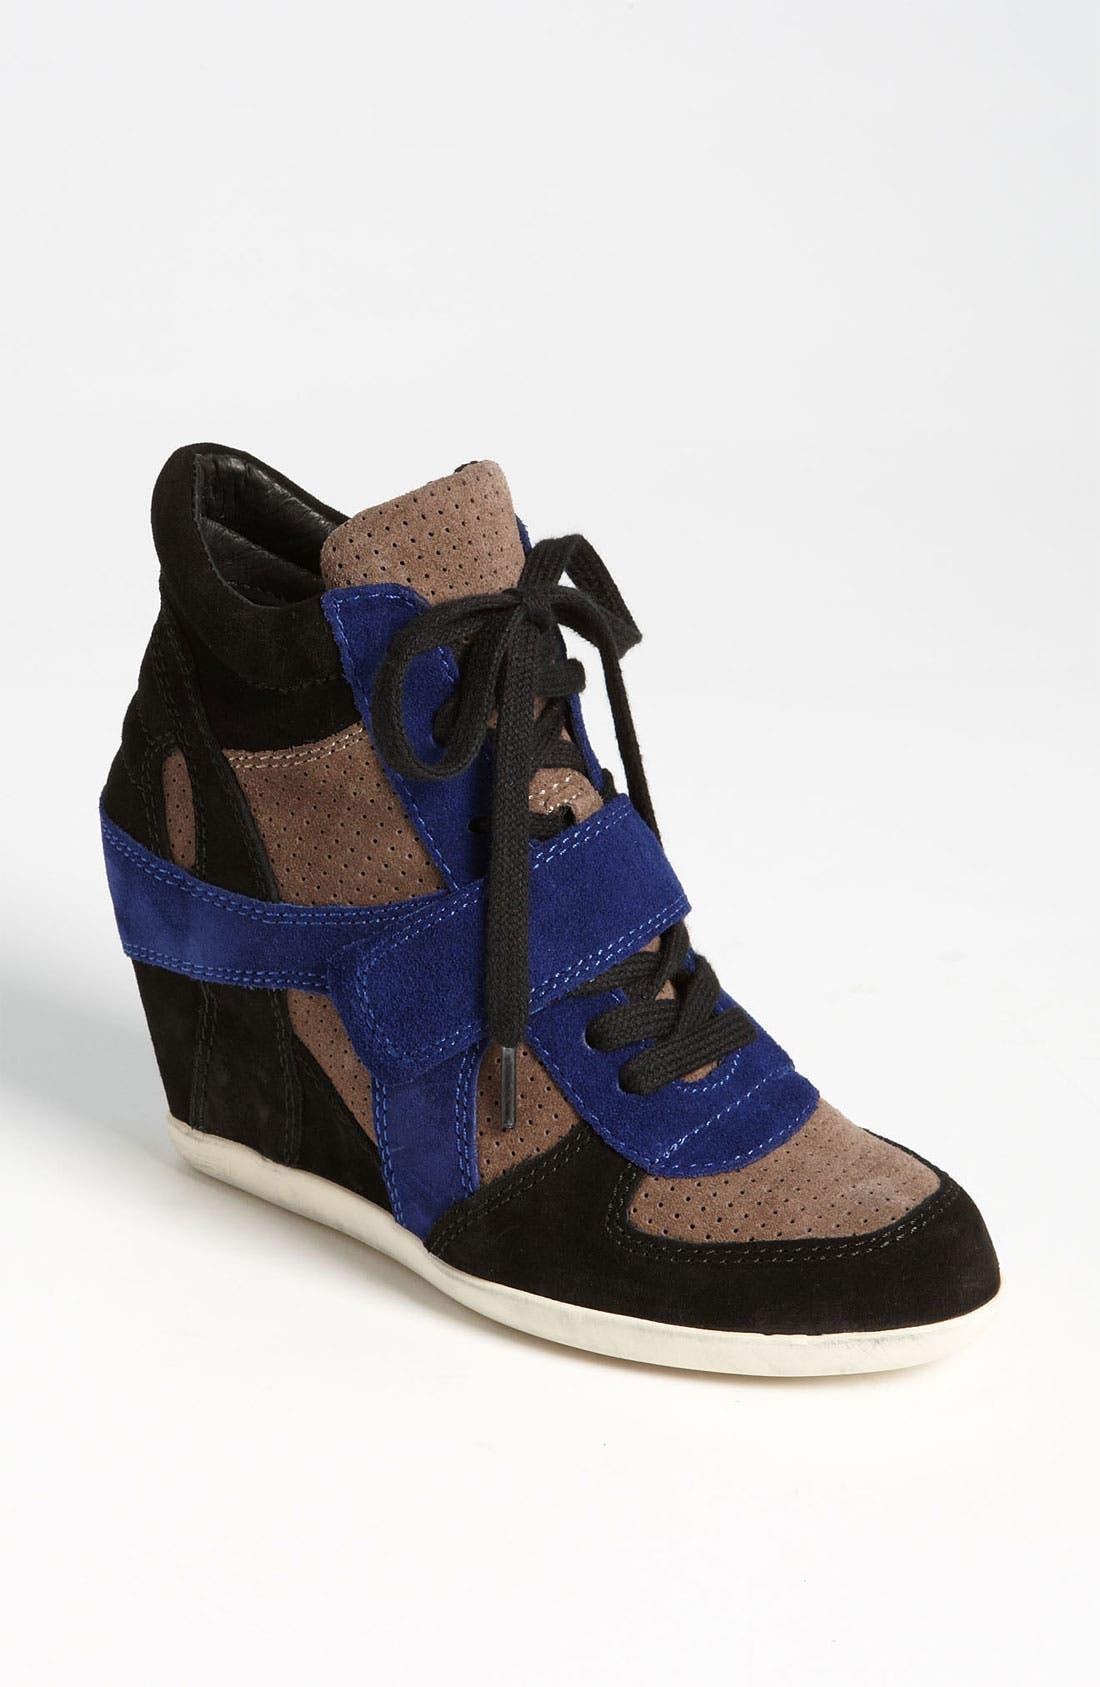 ASH 'Bowie' Sneaker, Main, color, 001